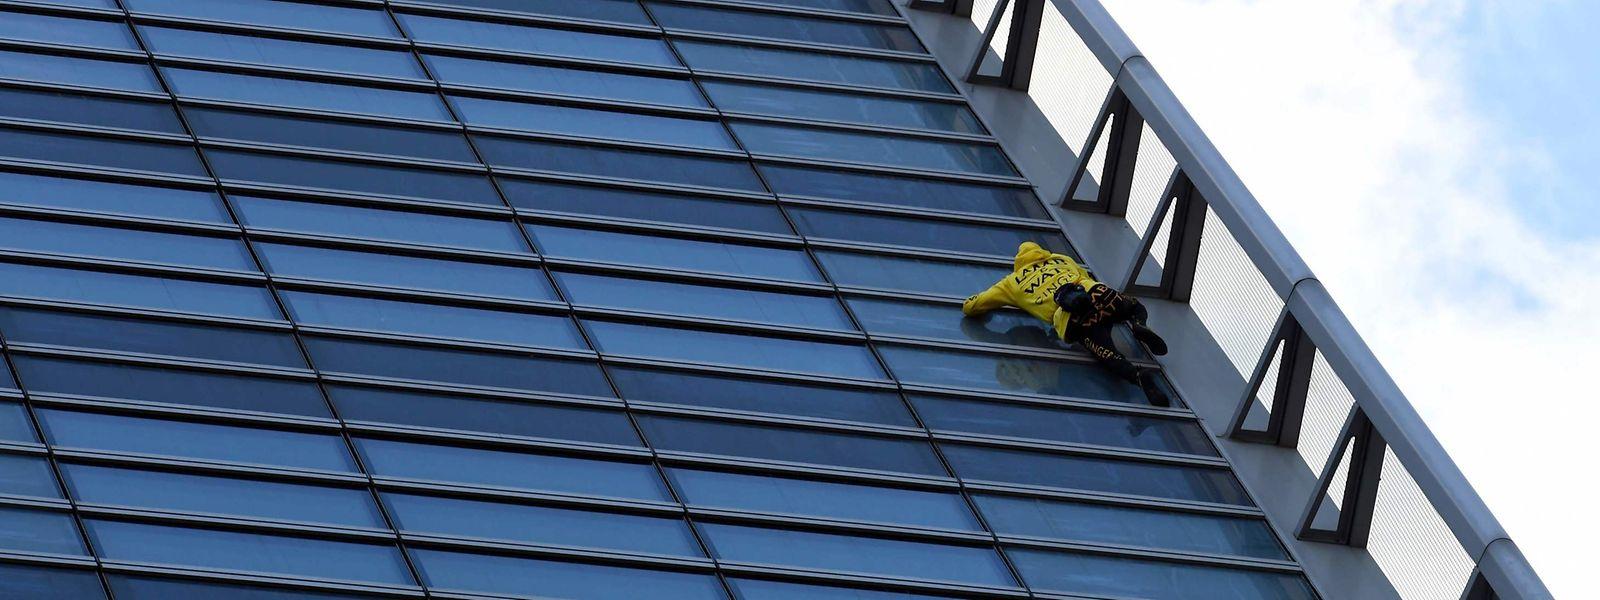 Alain Robert, ein französischer Kletterer, ist am Montag am Hochhaus der Energiegesellschaft Engie in Paris hochgeklettert.